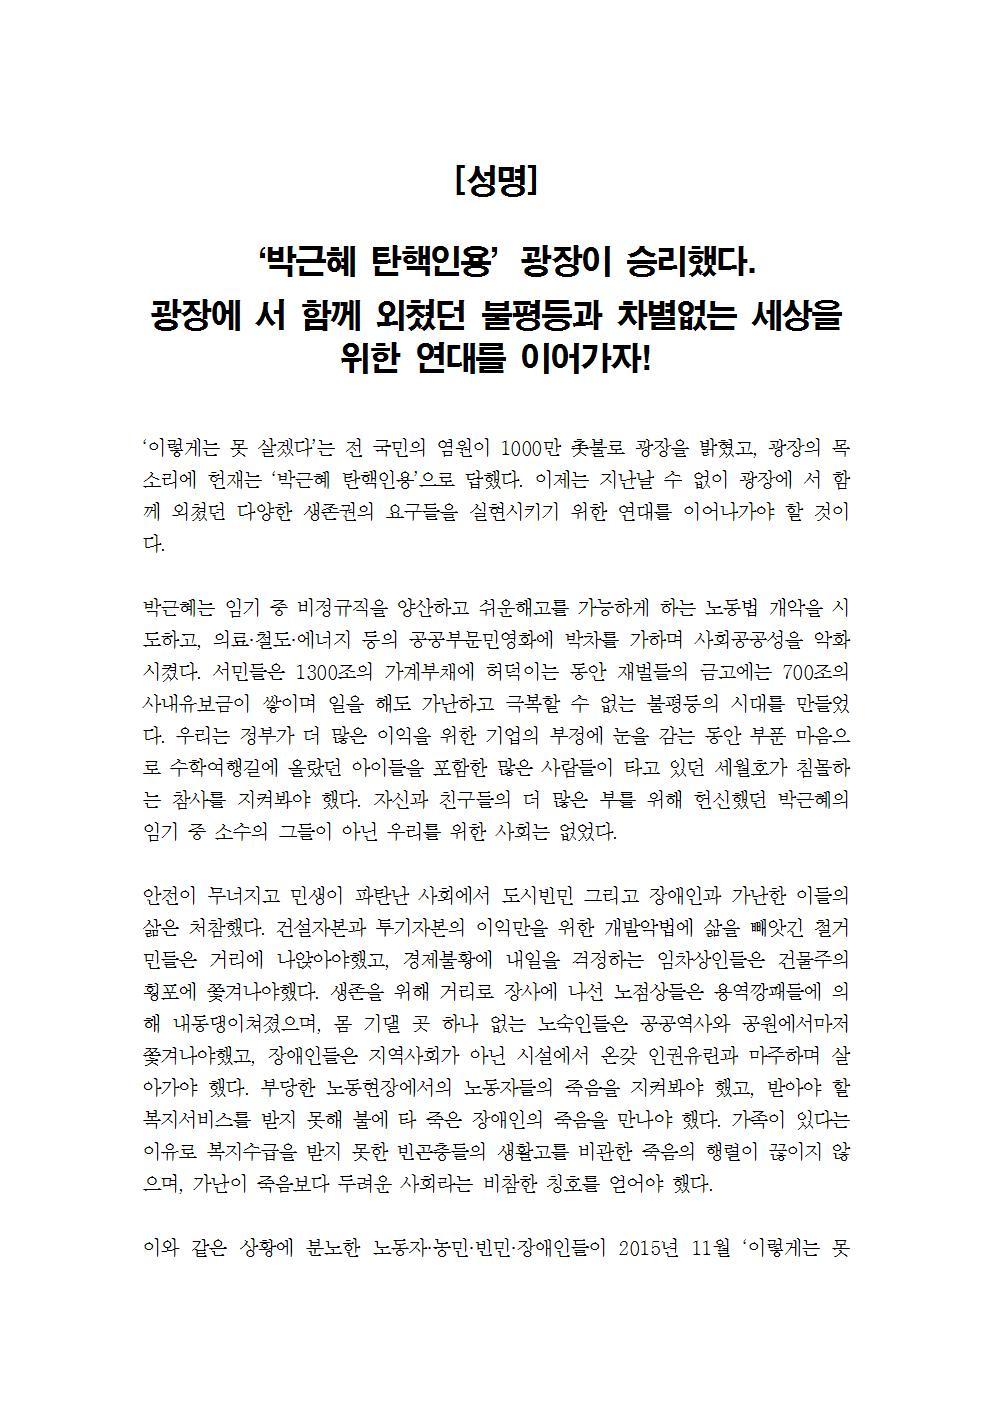 20170310_[성명]_'박근혜 탄핵인용' 광장이 승리했다!001.jpg